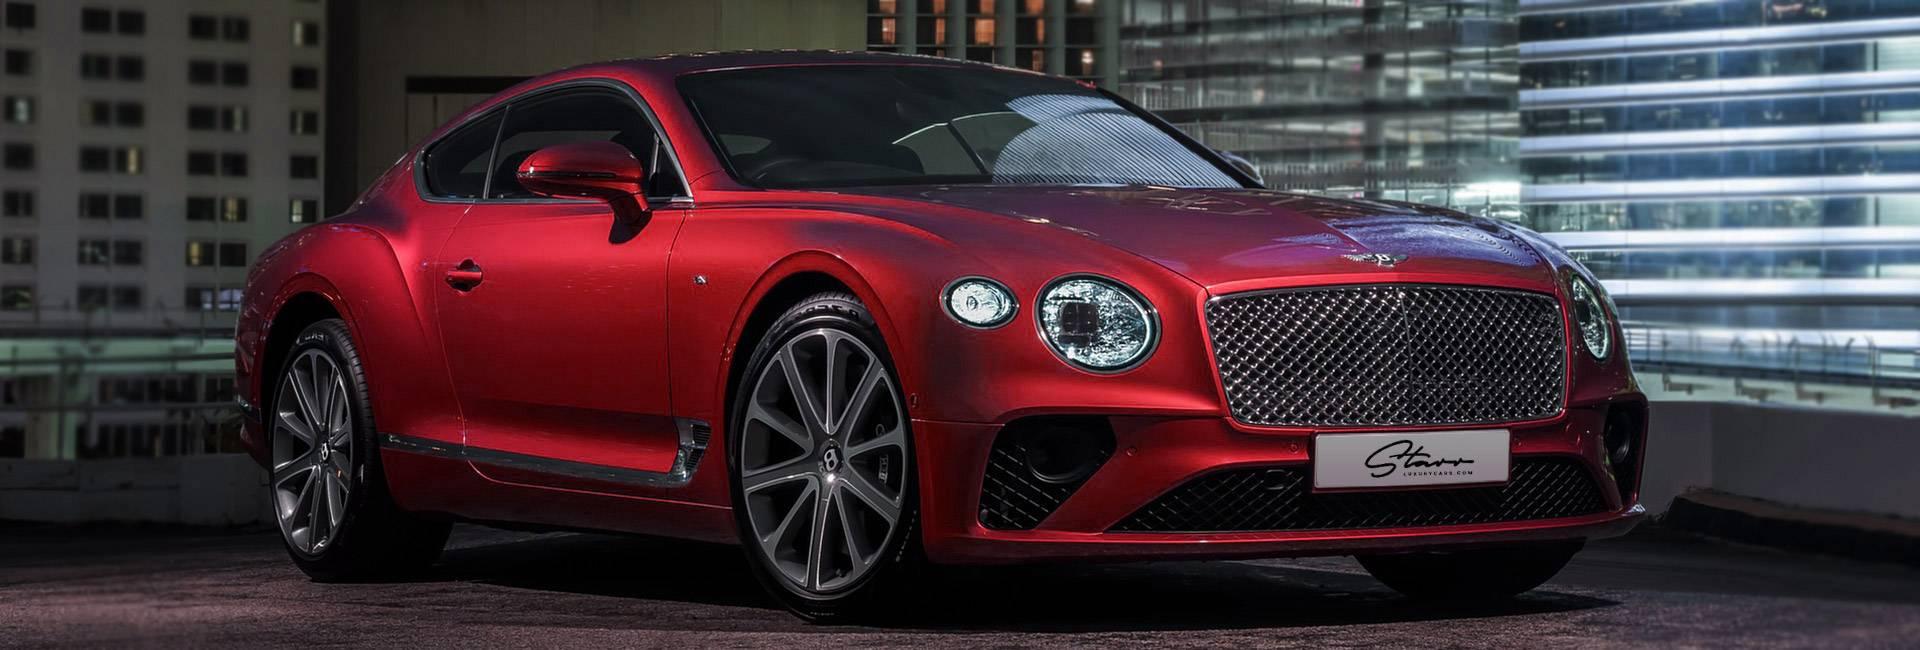 Bentley Car Hire Largest Fleet Of Bentley Rentals In The Uk